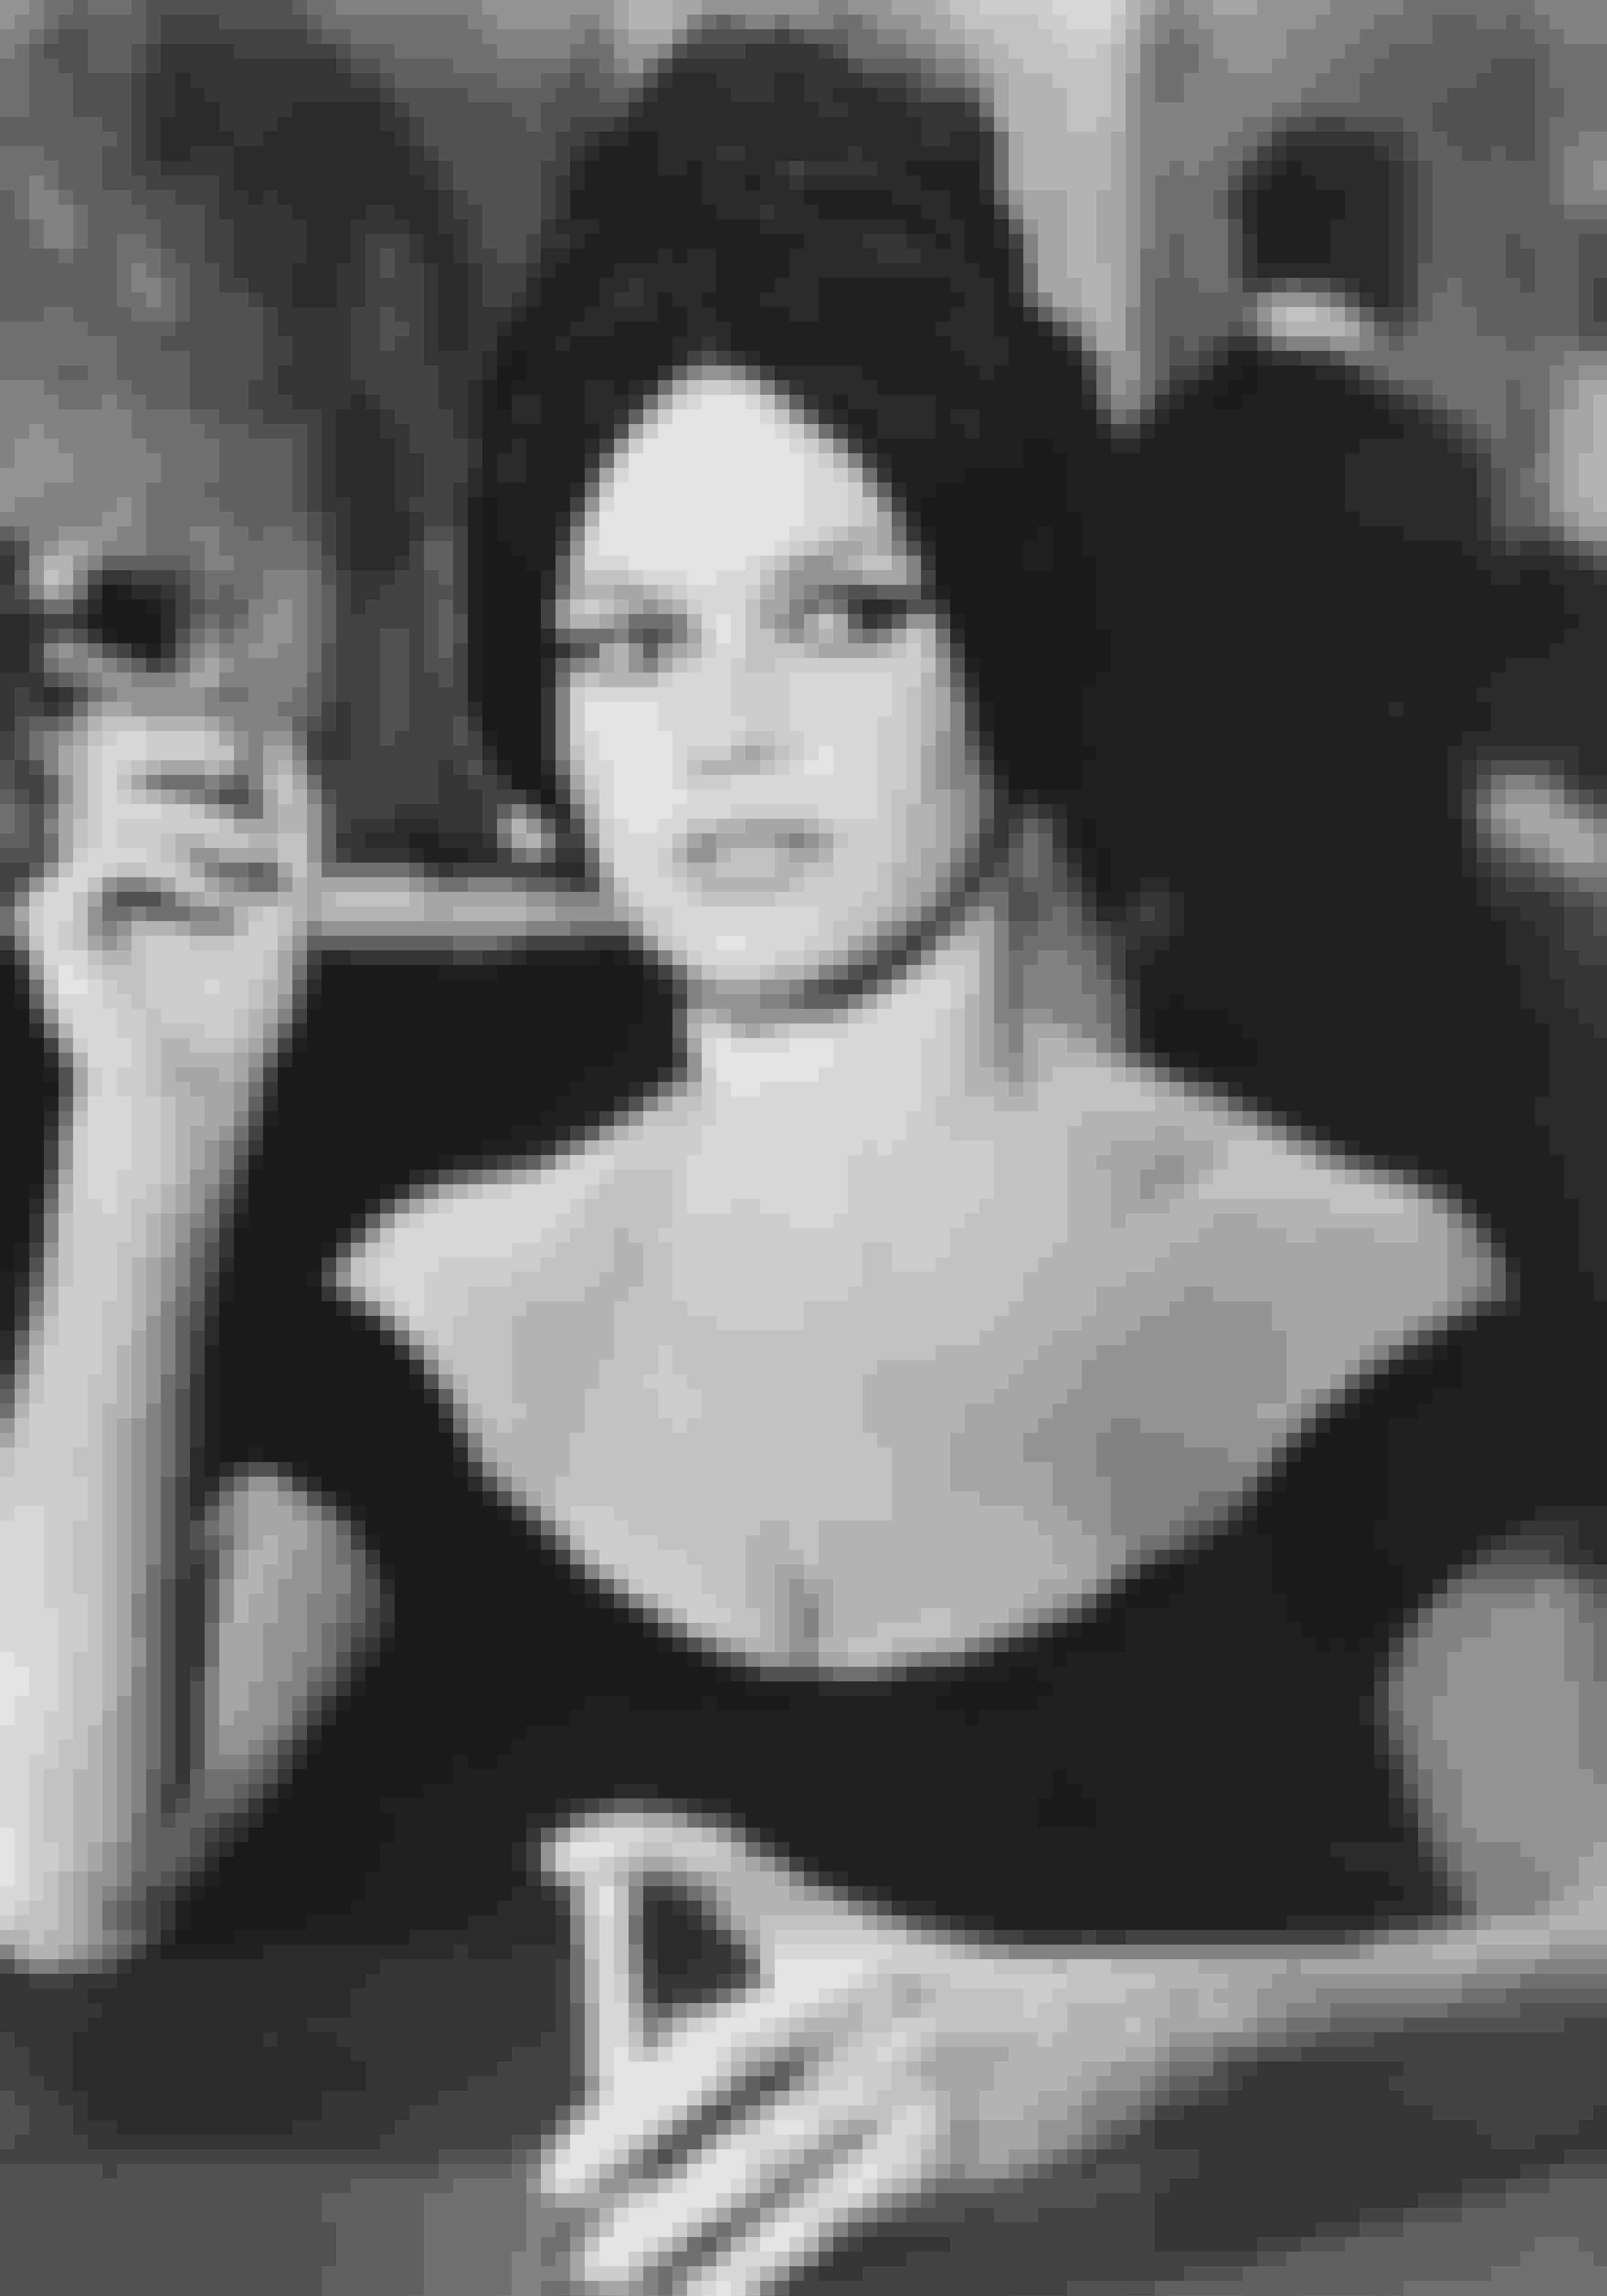 Brigitte Bardot er en fransk model, skuespiller og sangerinde. Hun var et af de helt store sexsymboler i 1950 og 1960'erne.